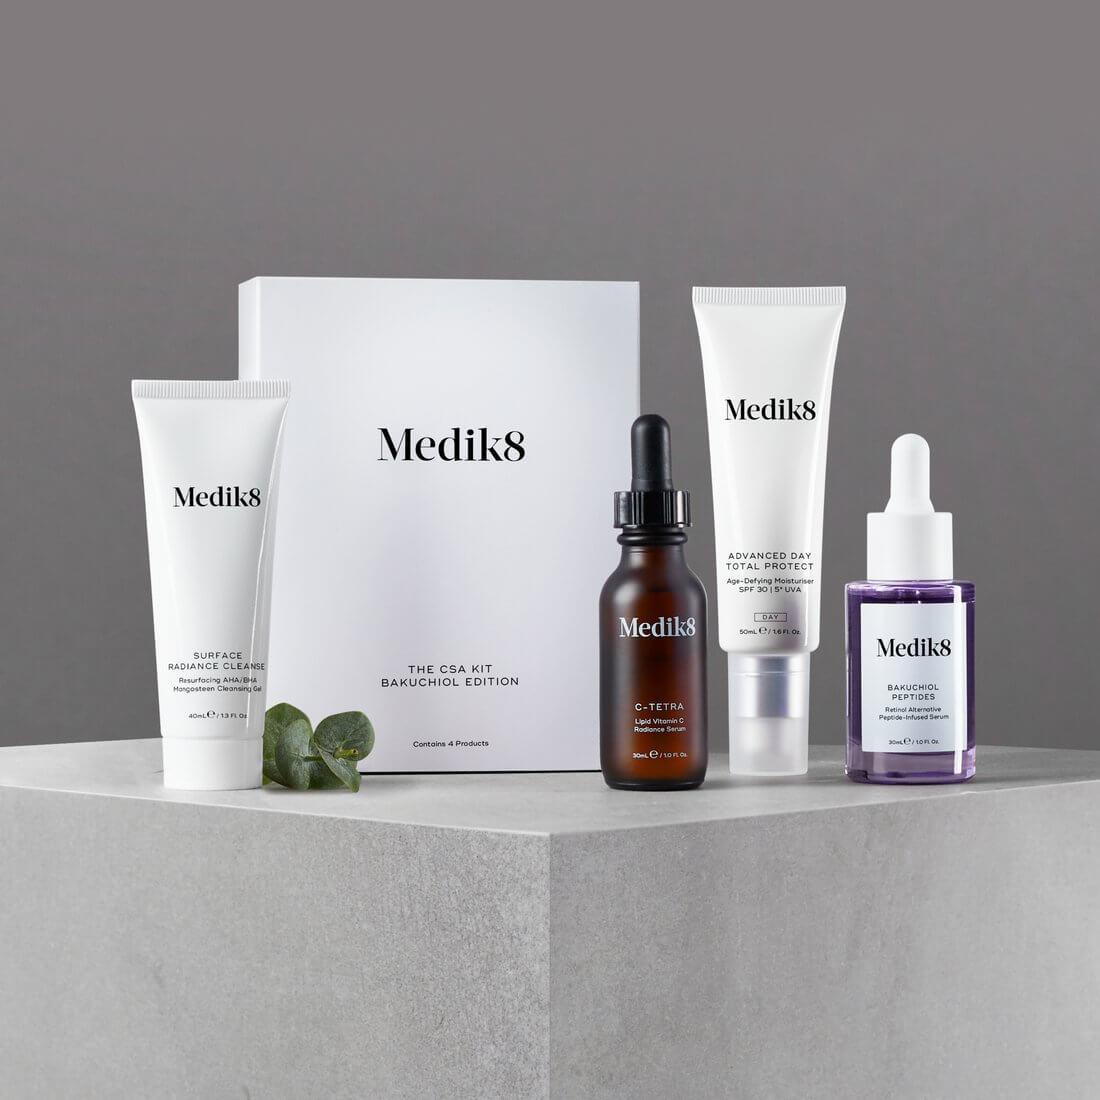 Kozmetická značky a produkty na starostlivosť o pleť Medik8